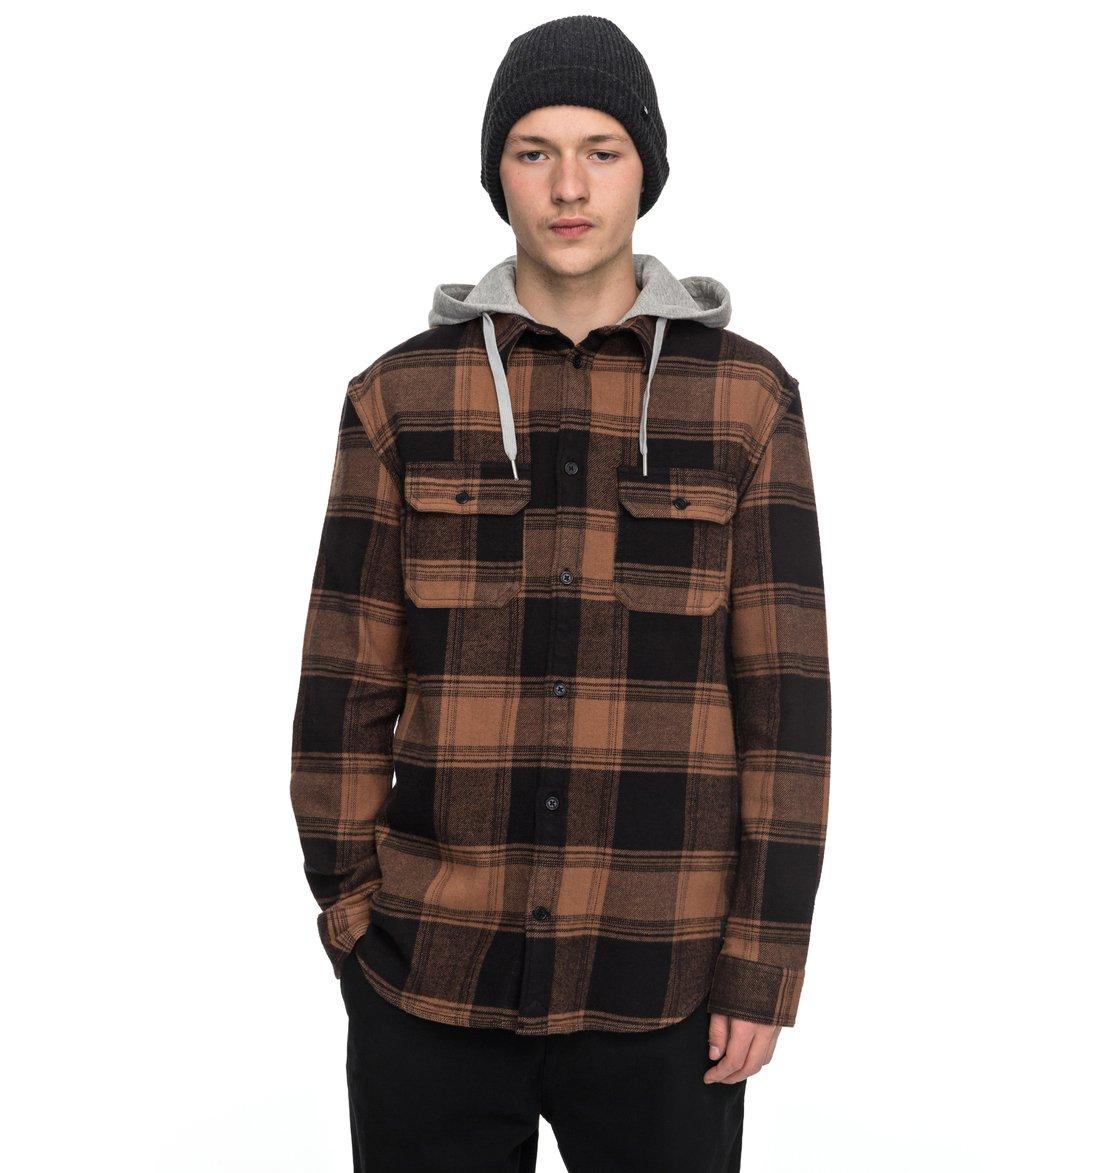 Men 39 s runnel flannel long sleeve hooded shirt edywt03162 for Mens long sleeve flannel shirts